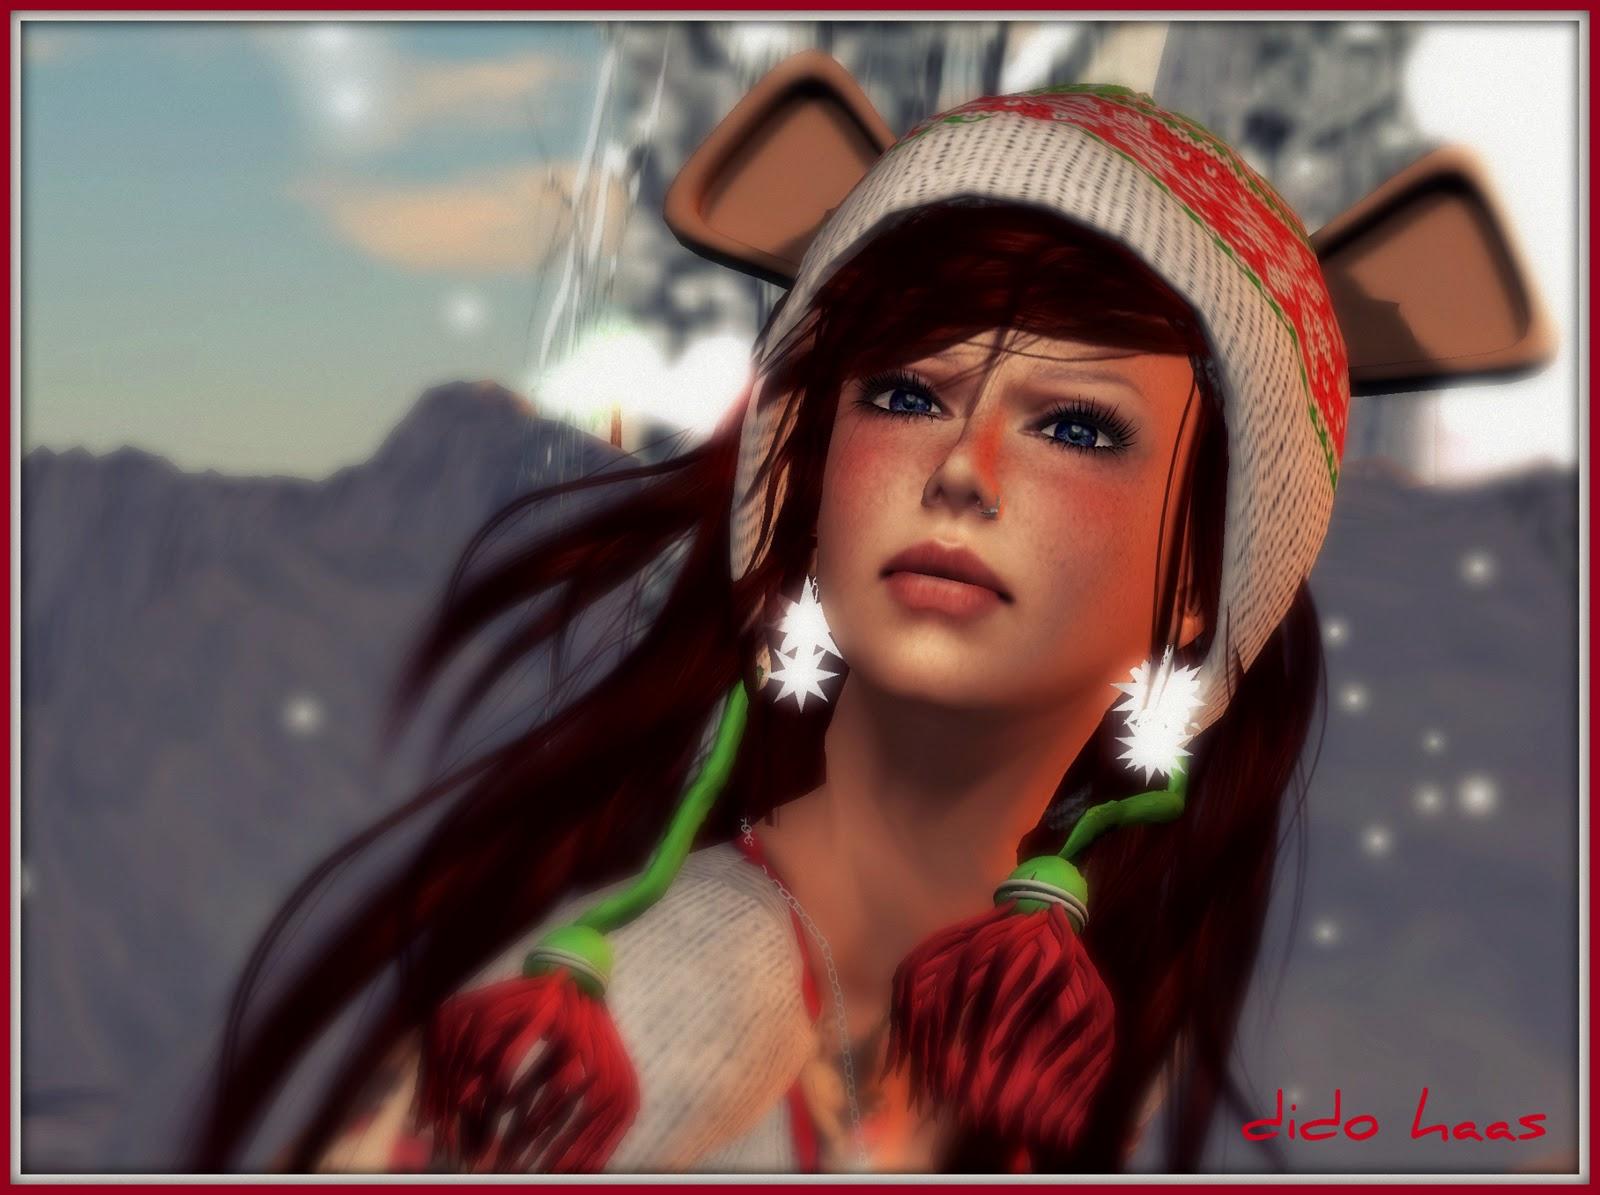 http://4.bp.blogspot.com/-wxwCIG3L36A/Tt_7d6bunaI/AAAAAAAAF1s/9nqgE7aowow/s1600/winter+mouse+dido+zoom.jpg